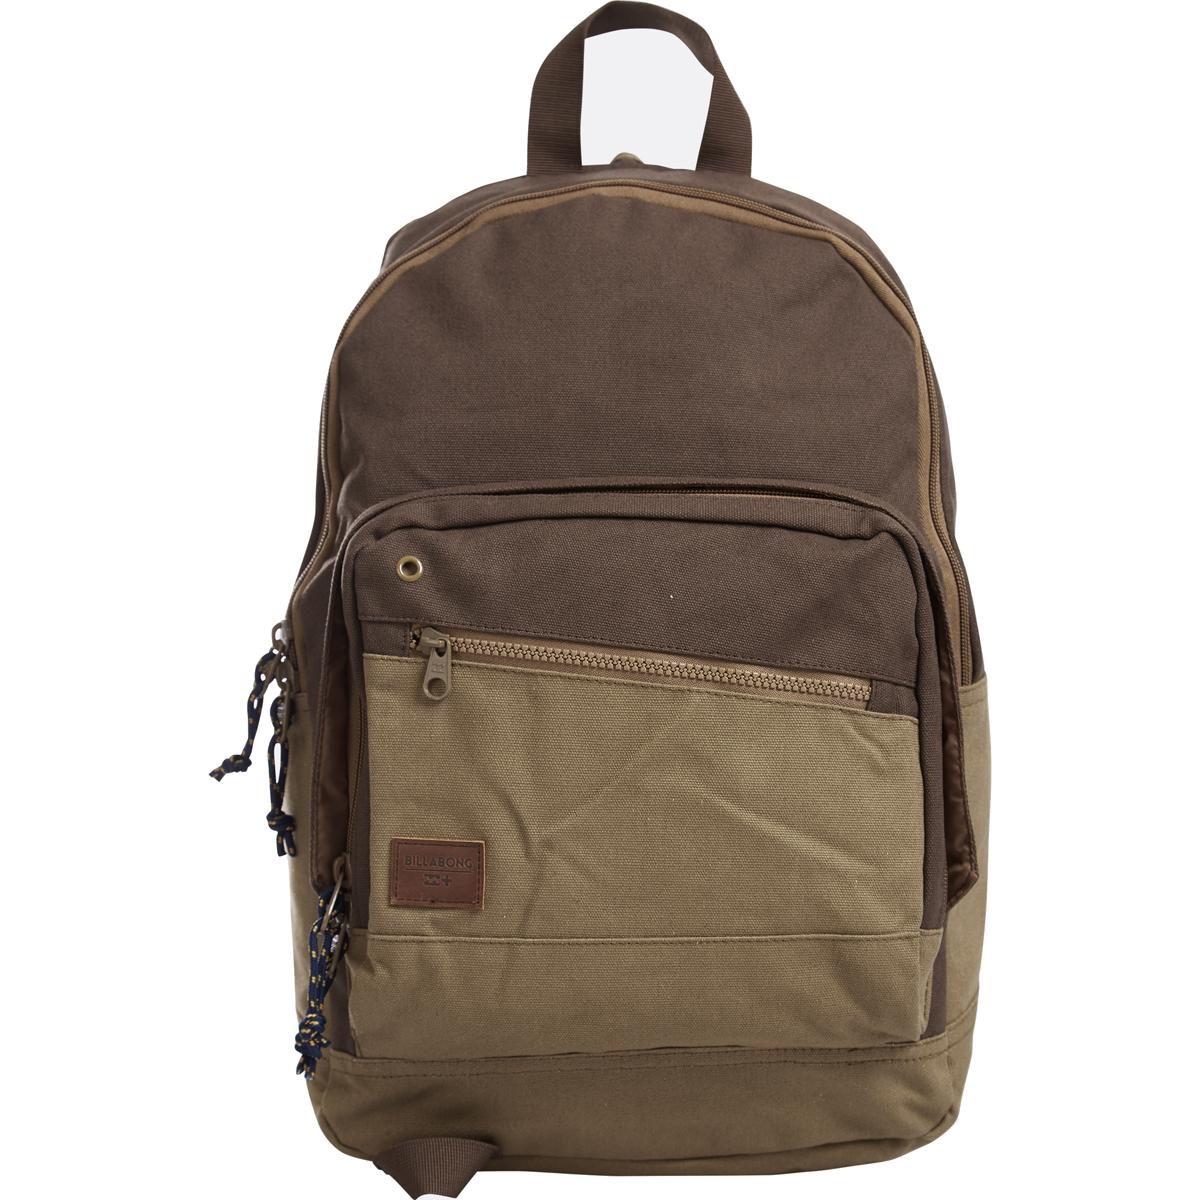 Рюкзак городской Billabong Laneway Canvas, цвет: верблюжий, 23 л. Z5BP086-7Вместительный и практичный рюкзак из 100% хлопка. Два внеших внеших кармана для мелочей, в онсновном отделение кармана для ноутбука.